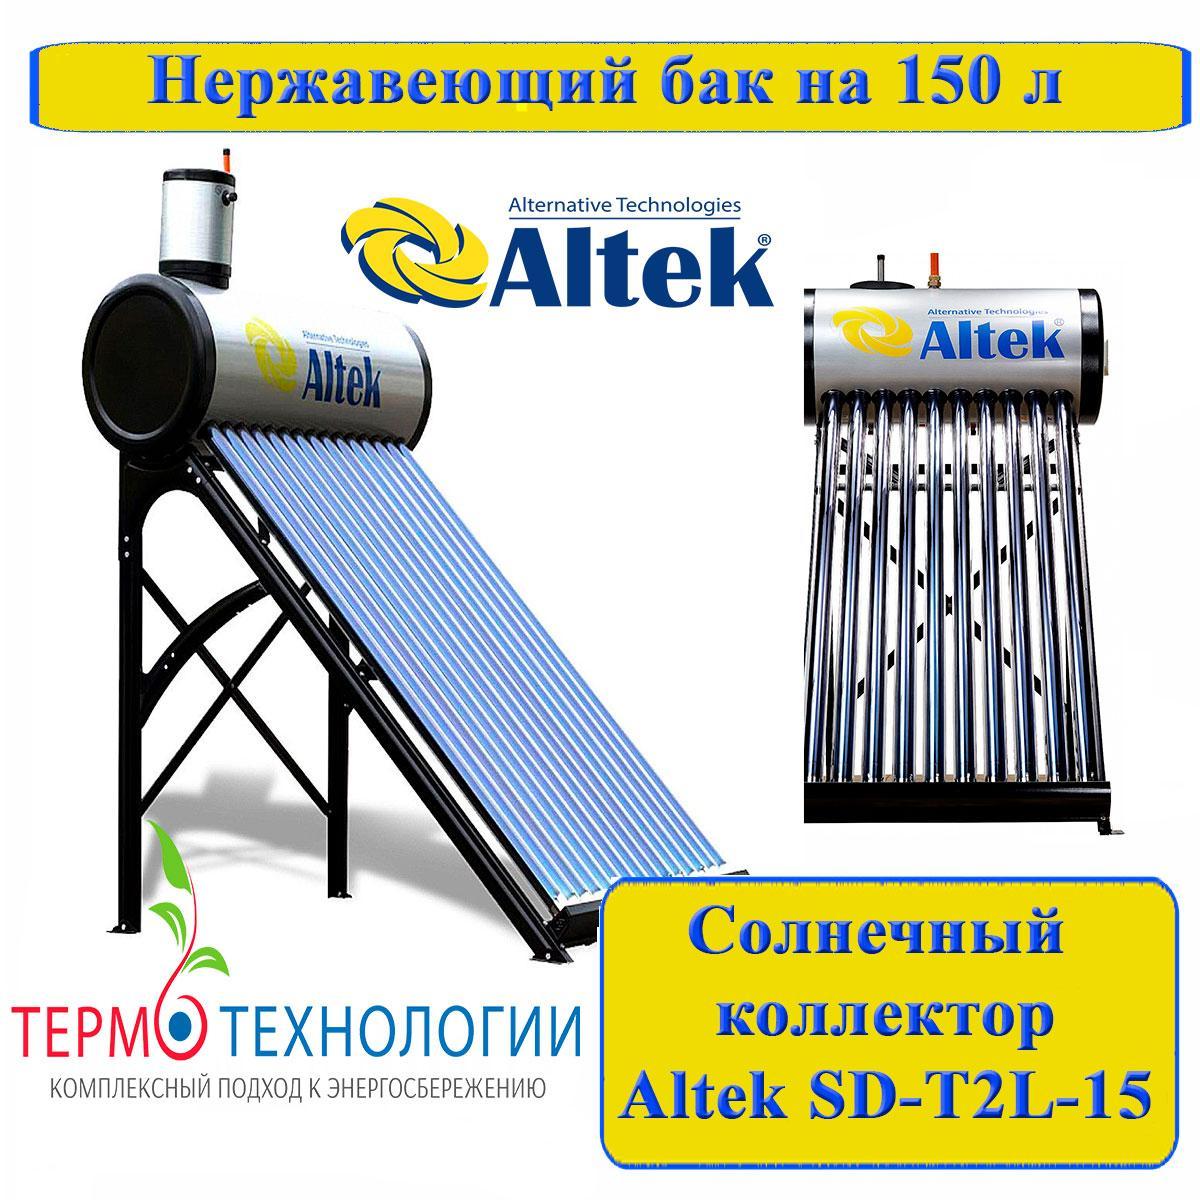 Солнечный коллектор Altek SD-T2L-15. Бак из нержавеющей стали